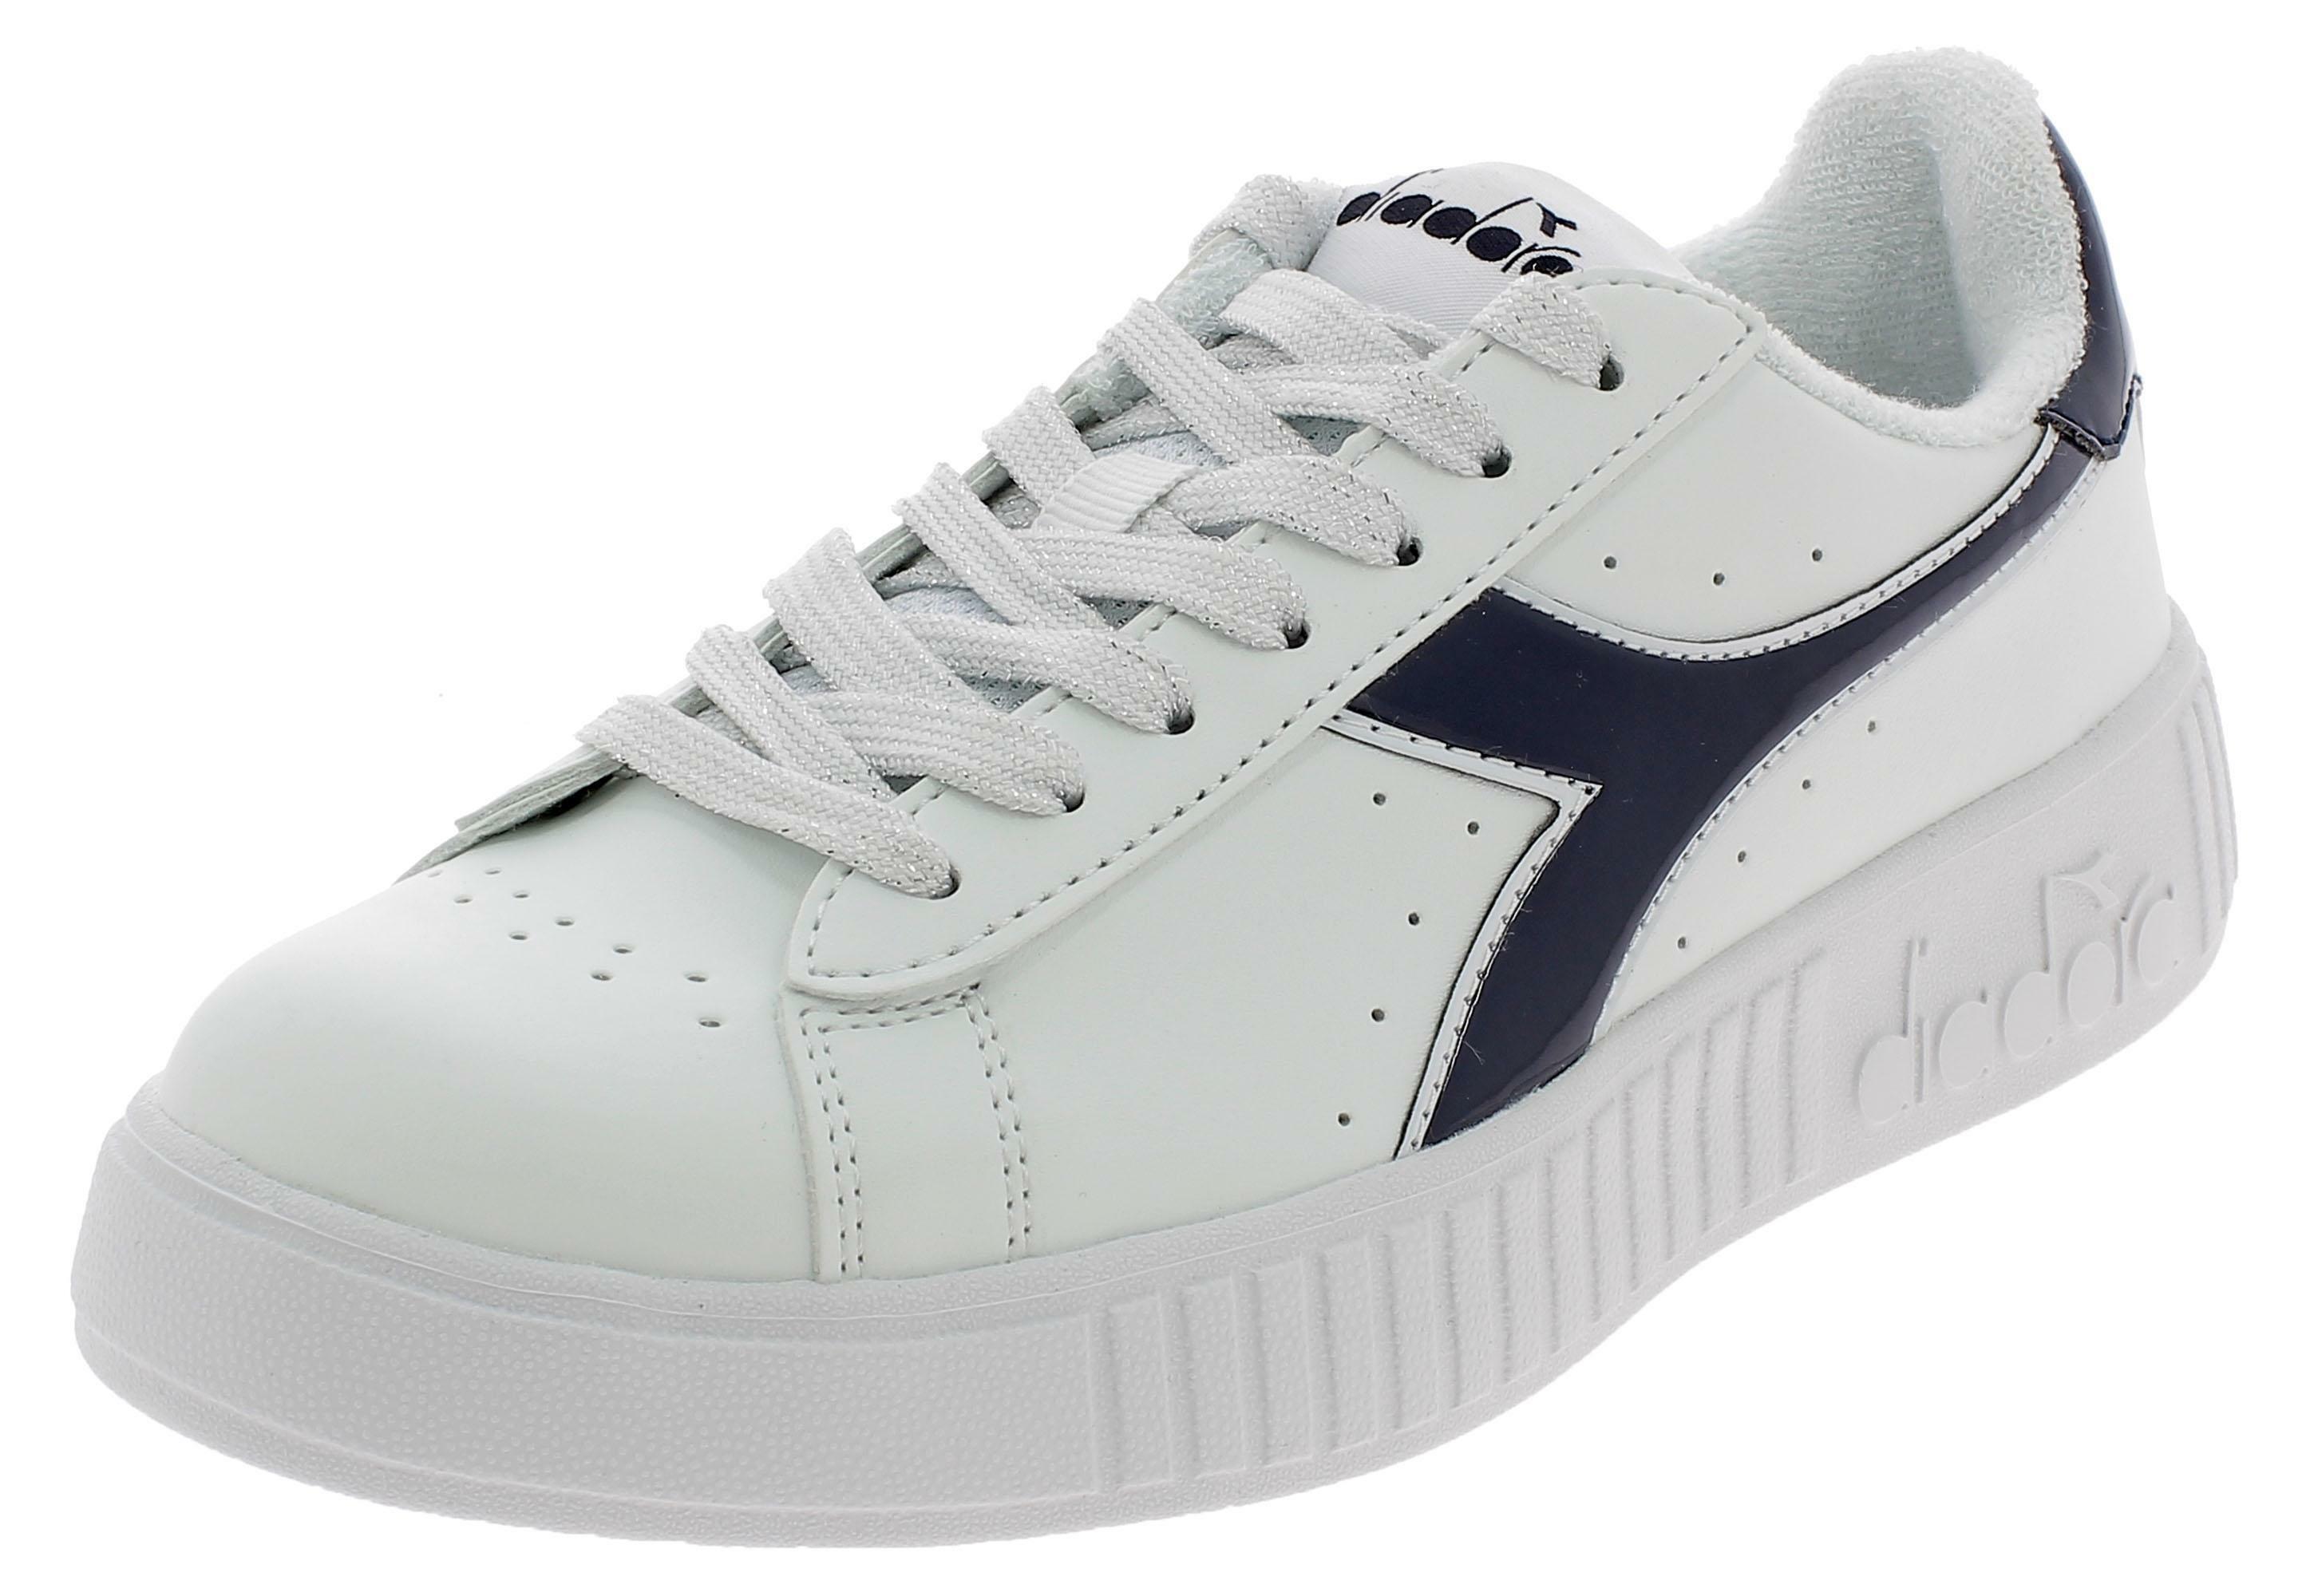 Diadora game p step scarpe sportive donna bianche 17436560063